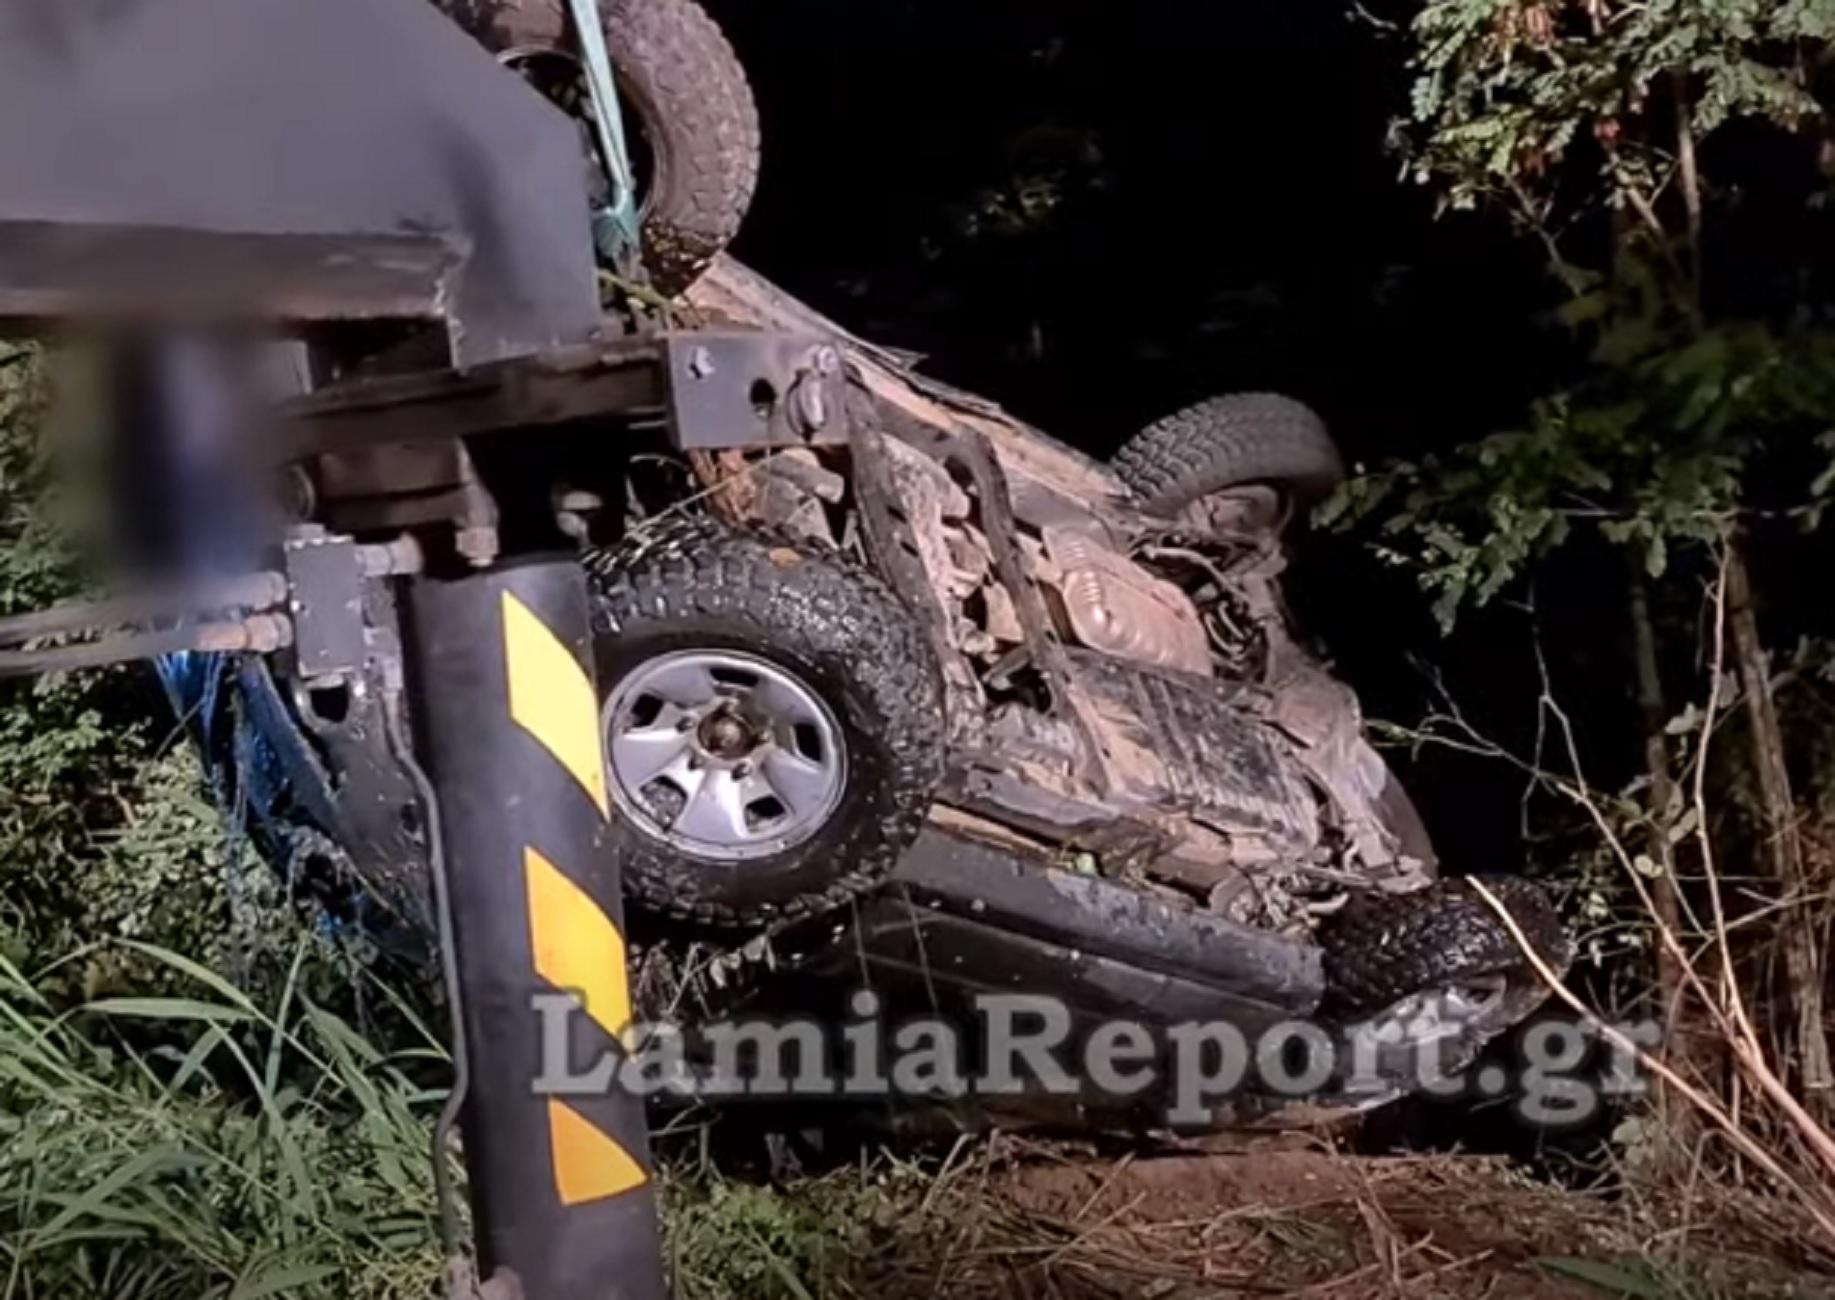 Λαμία: Εικόνες που κόβουν την ανάσα σε χαντάκι που ανατράπηκε τζιπ – Η έκπληξη με τον οδηγό